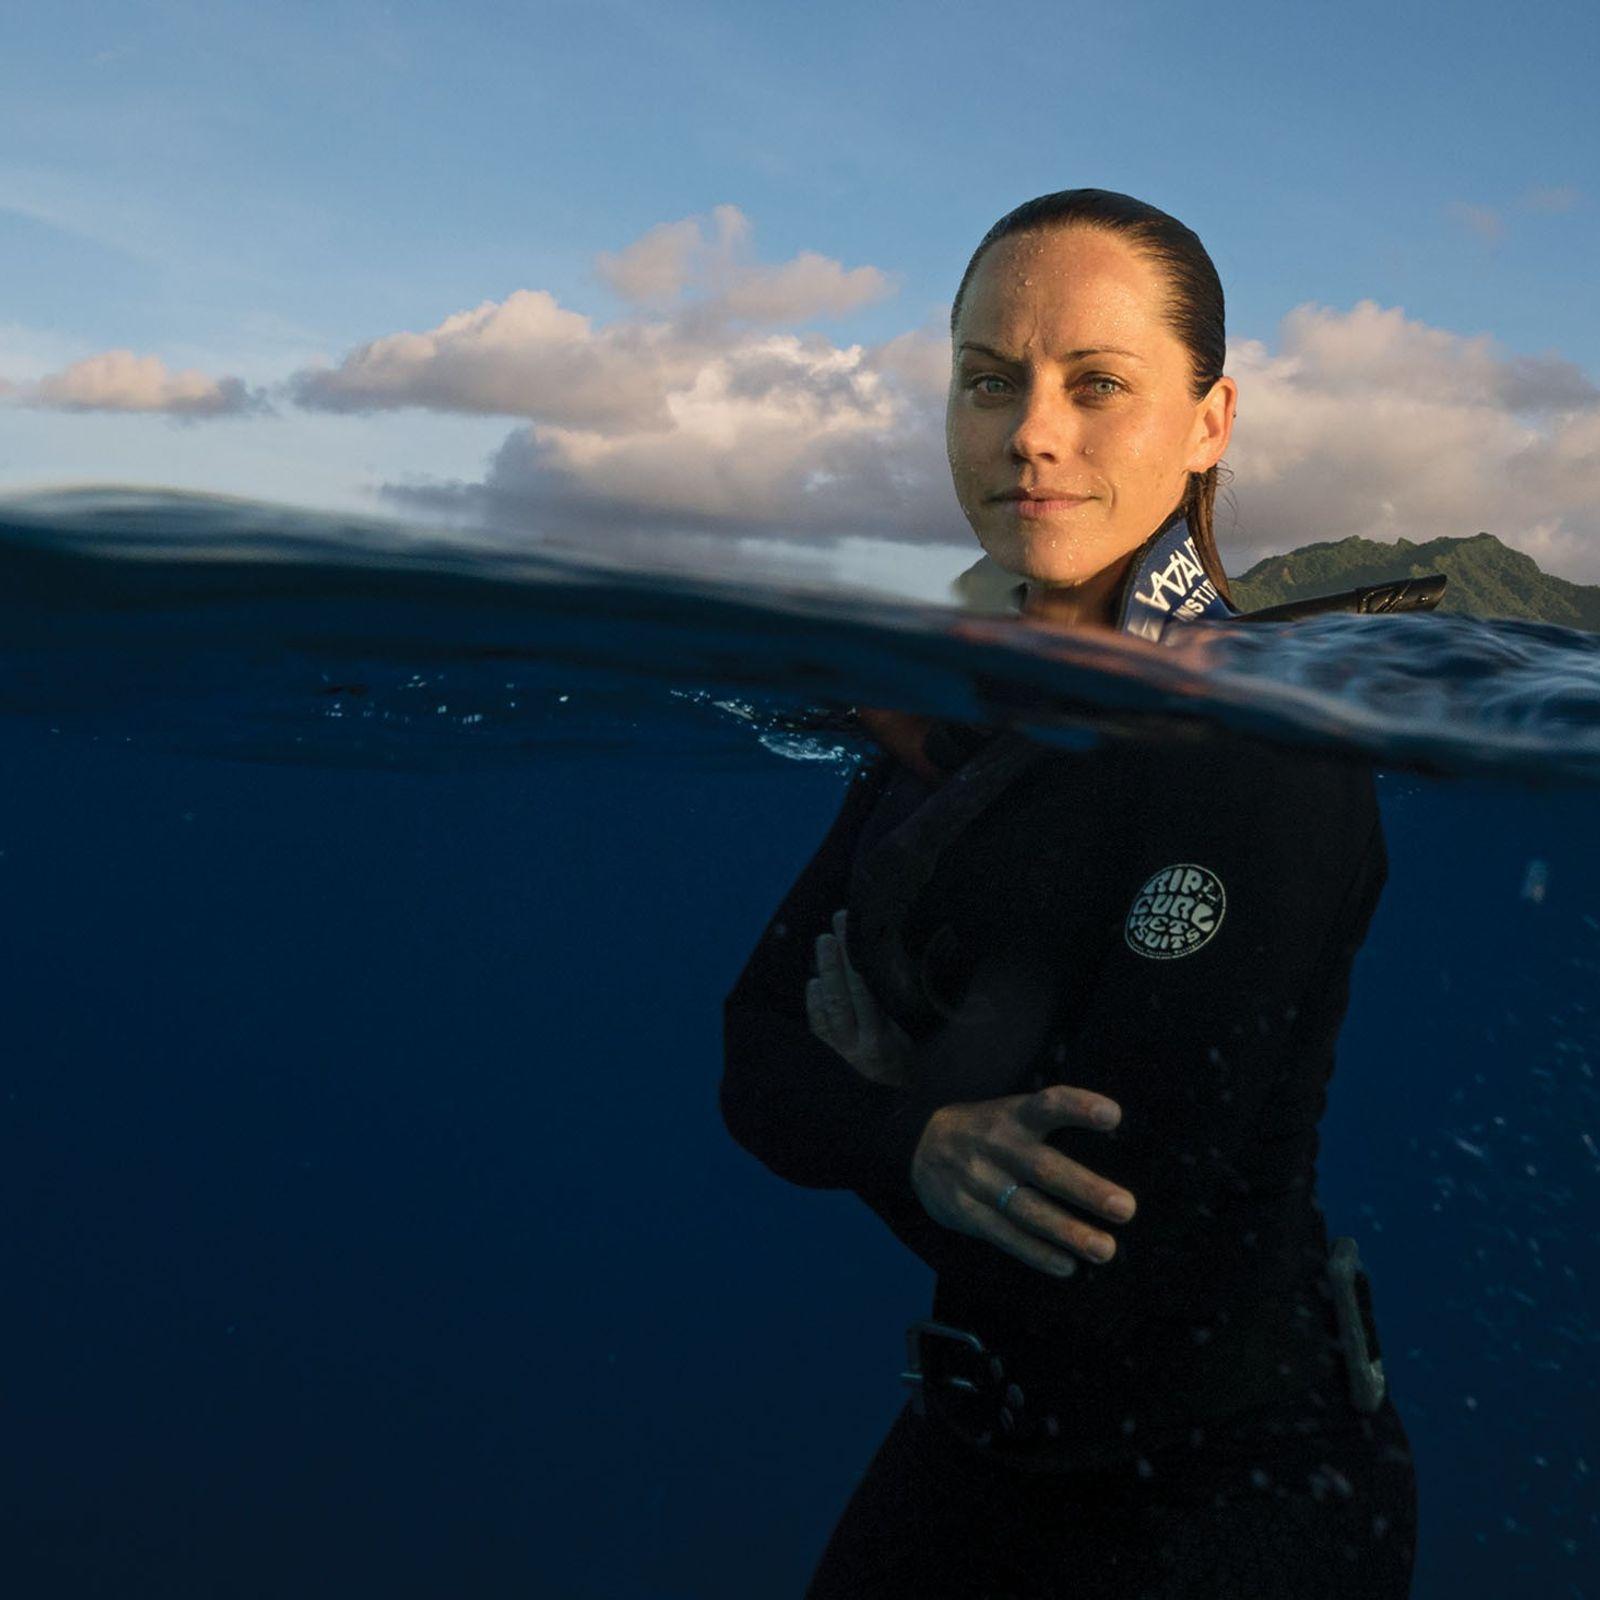 Jessica Cramp beim Freitauchen vor der Küste von Rarotonga, der größten der Cook-Inseln.